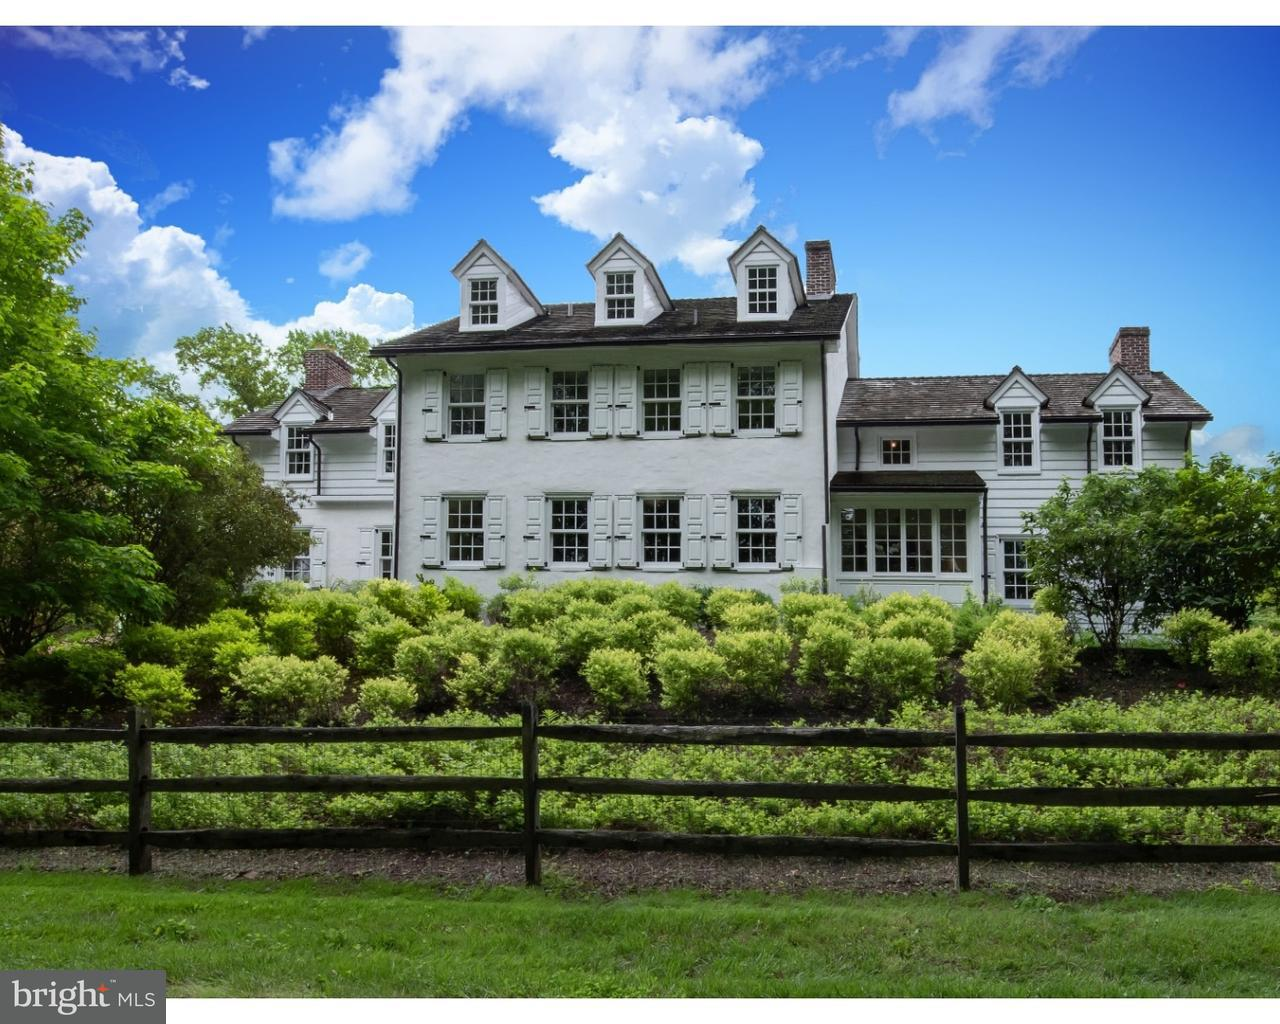 Maison unifamiliale pour l Vente à 820 FAIRVILLE Road Chadds Ford, Pennsylvanie 19317 États-Unis